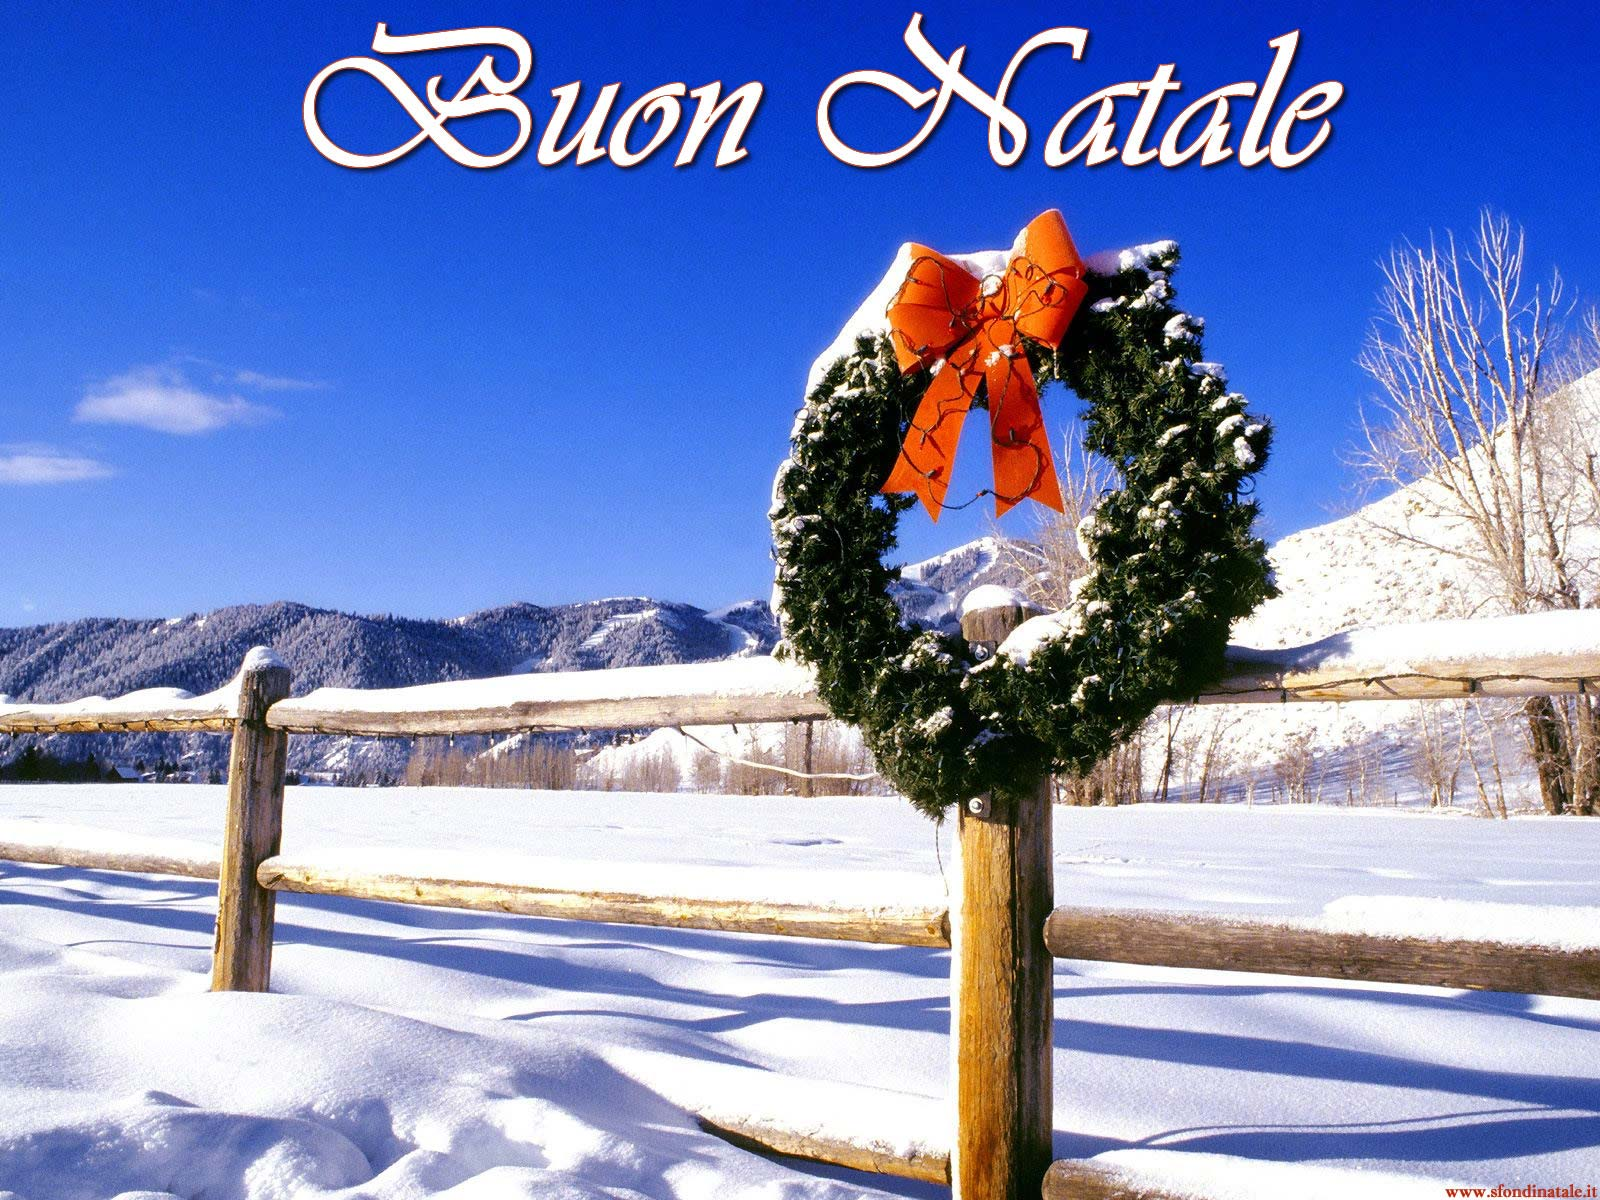 Sfondi Natale - Sfondo Natalizio innevato con corona